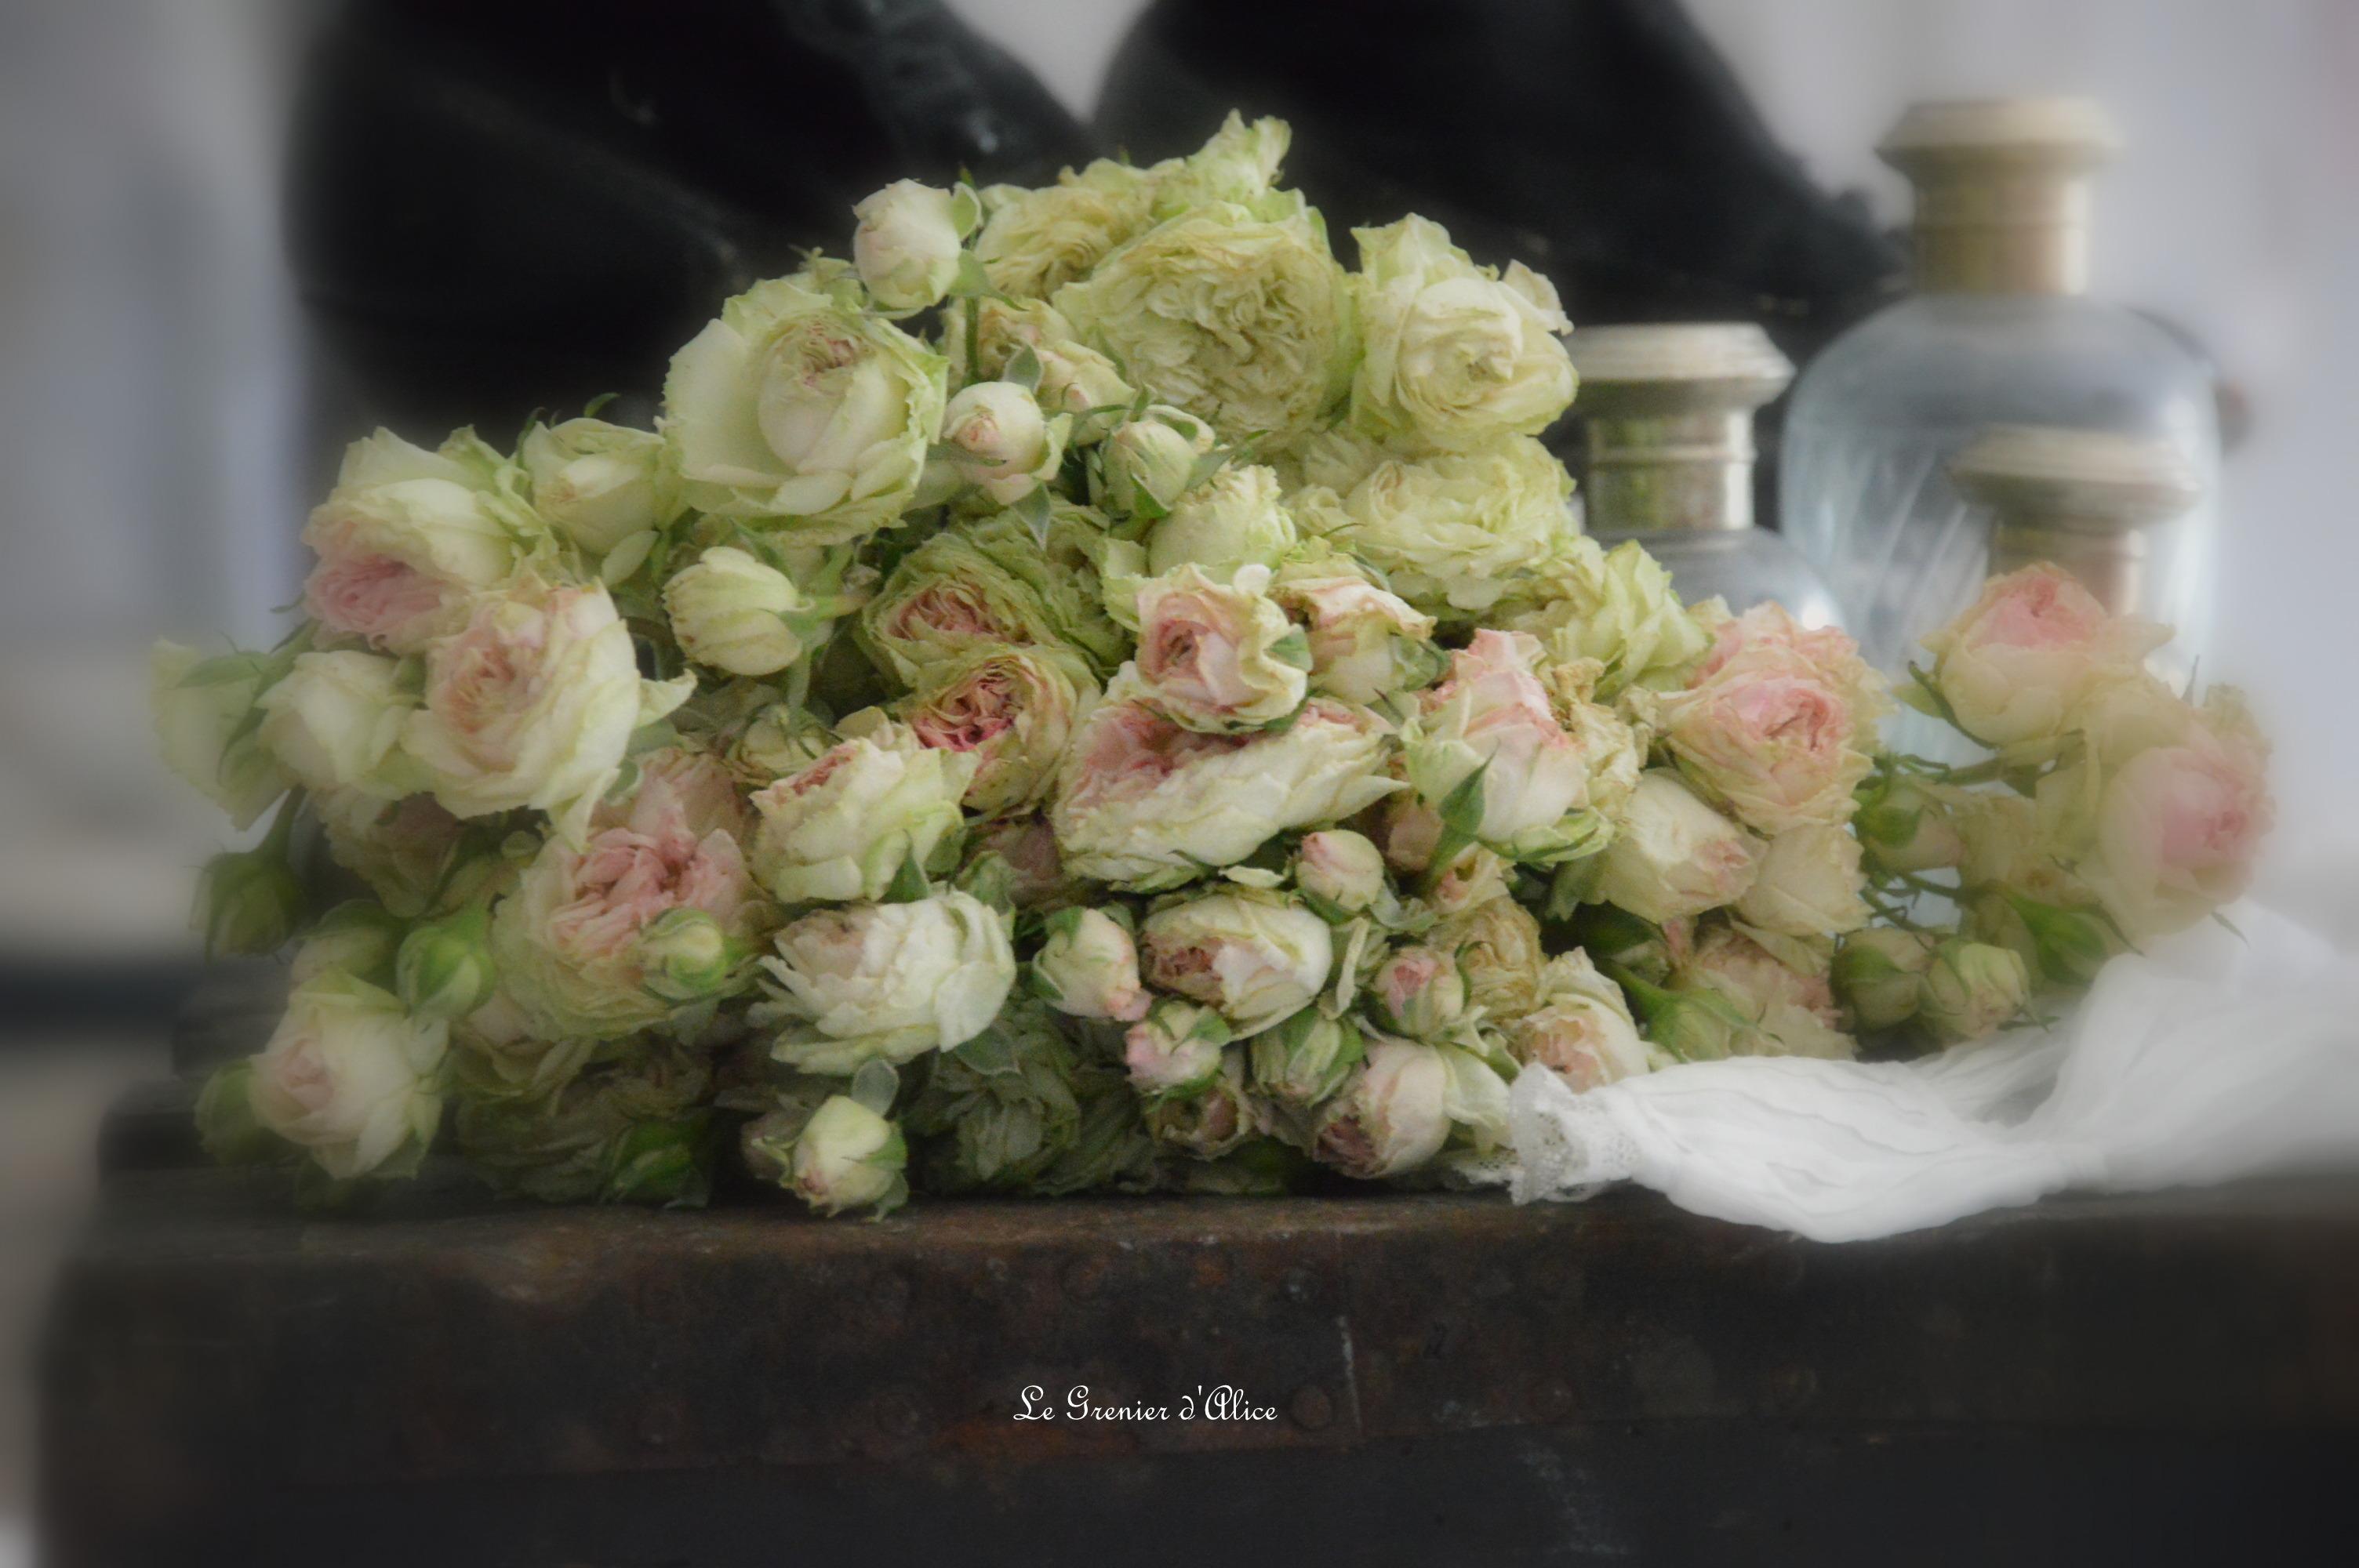 Pierre de Ronsard abat jour romantique shabby chic lin rose poudré abat jour froufrou organdi blanc monogramme brodé ornement resine patine ruffle romantic lampshade